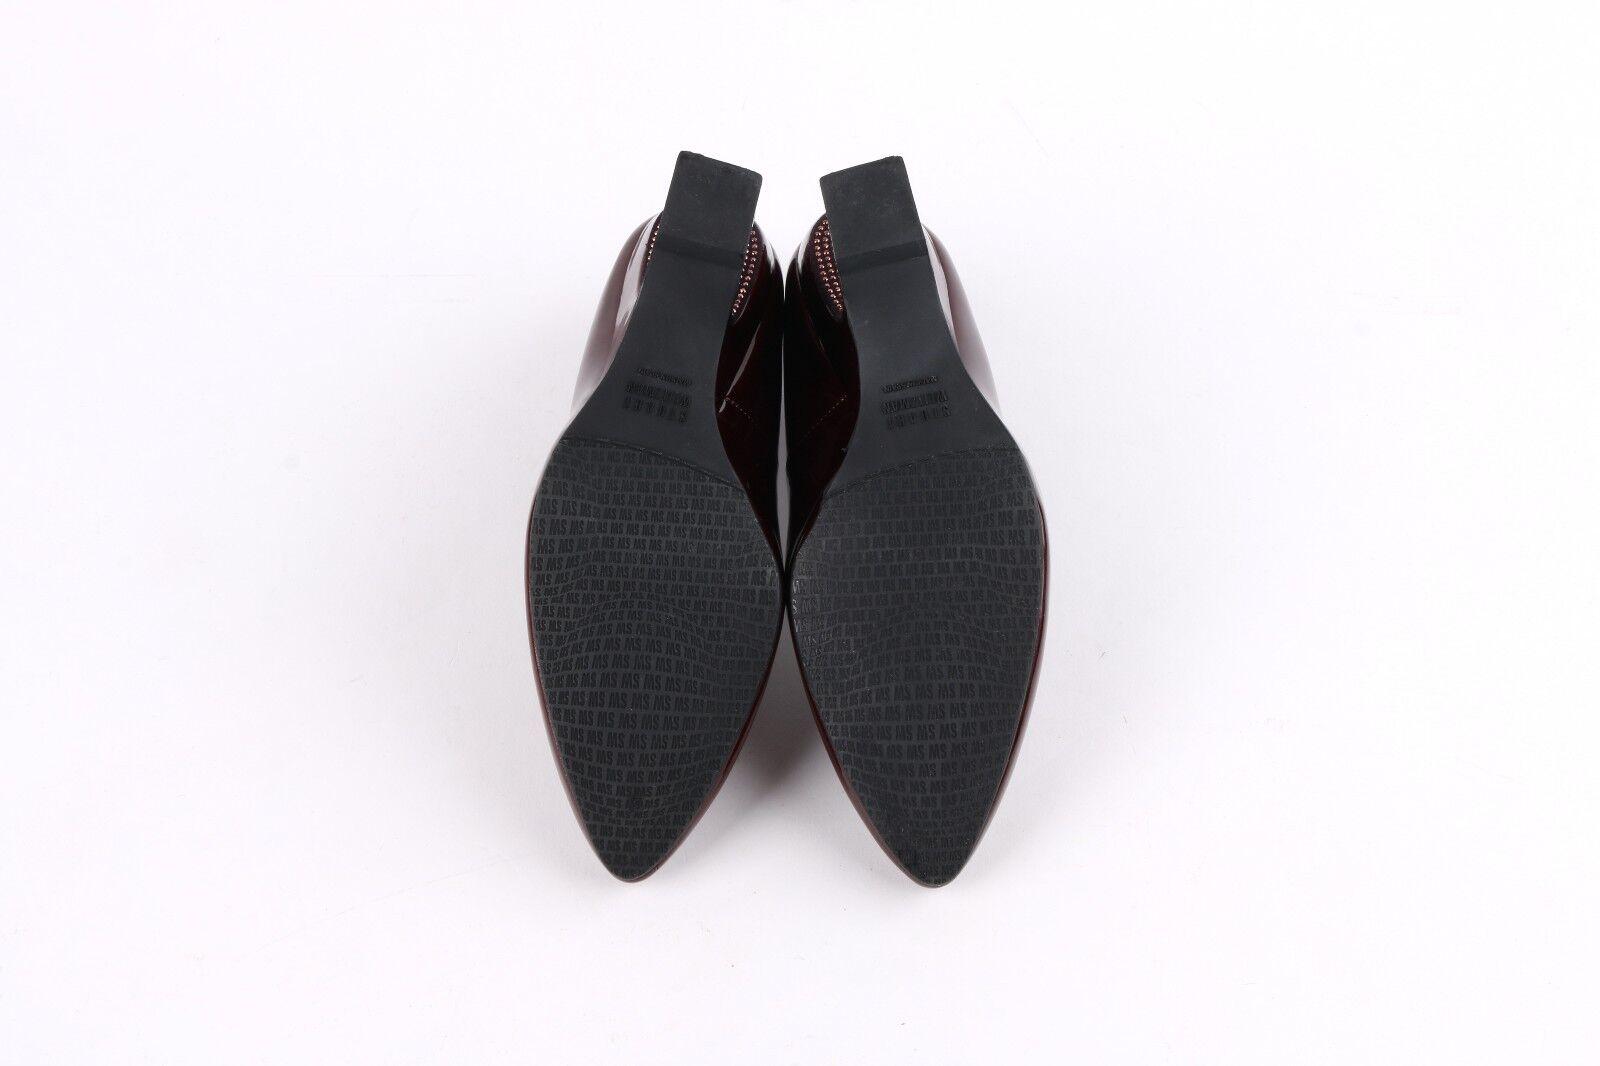 Stuart Weitzman rouge grenat Cuir Verni Strass inversé wedge heels heels heels 6 b13289